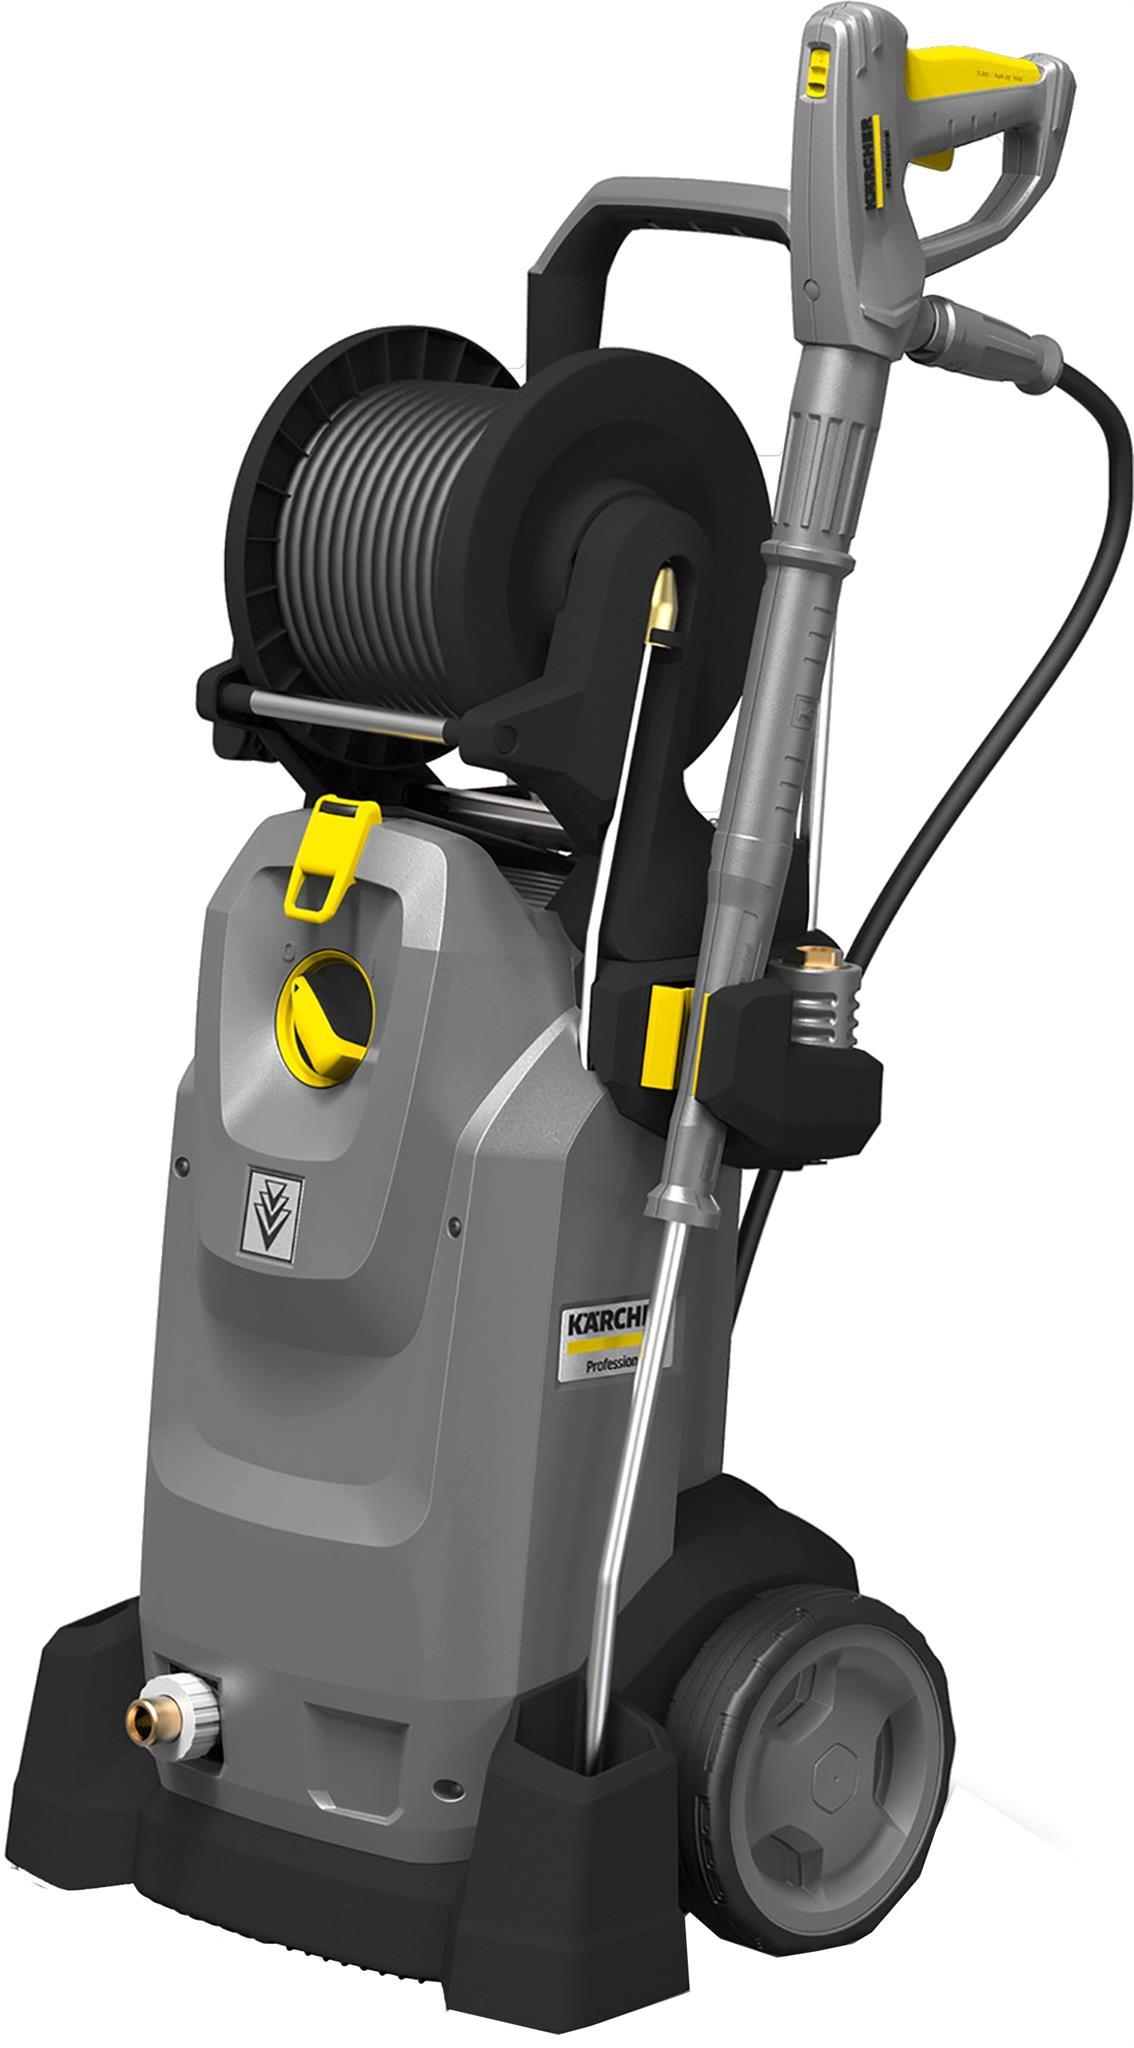 Vysokotlaký čistič Kärcher HD 7/17 MX Plus